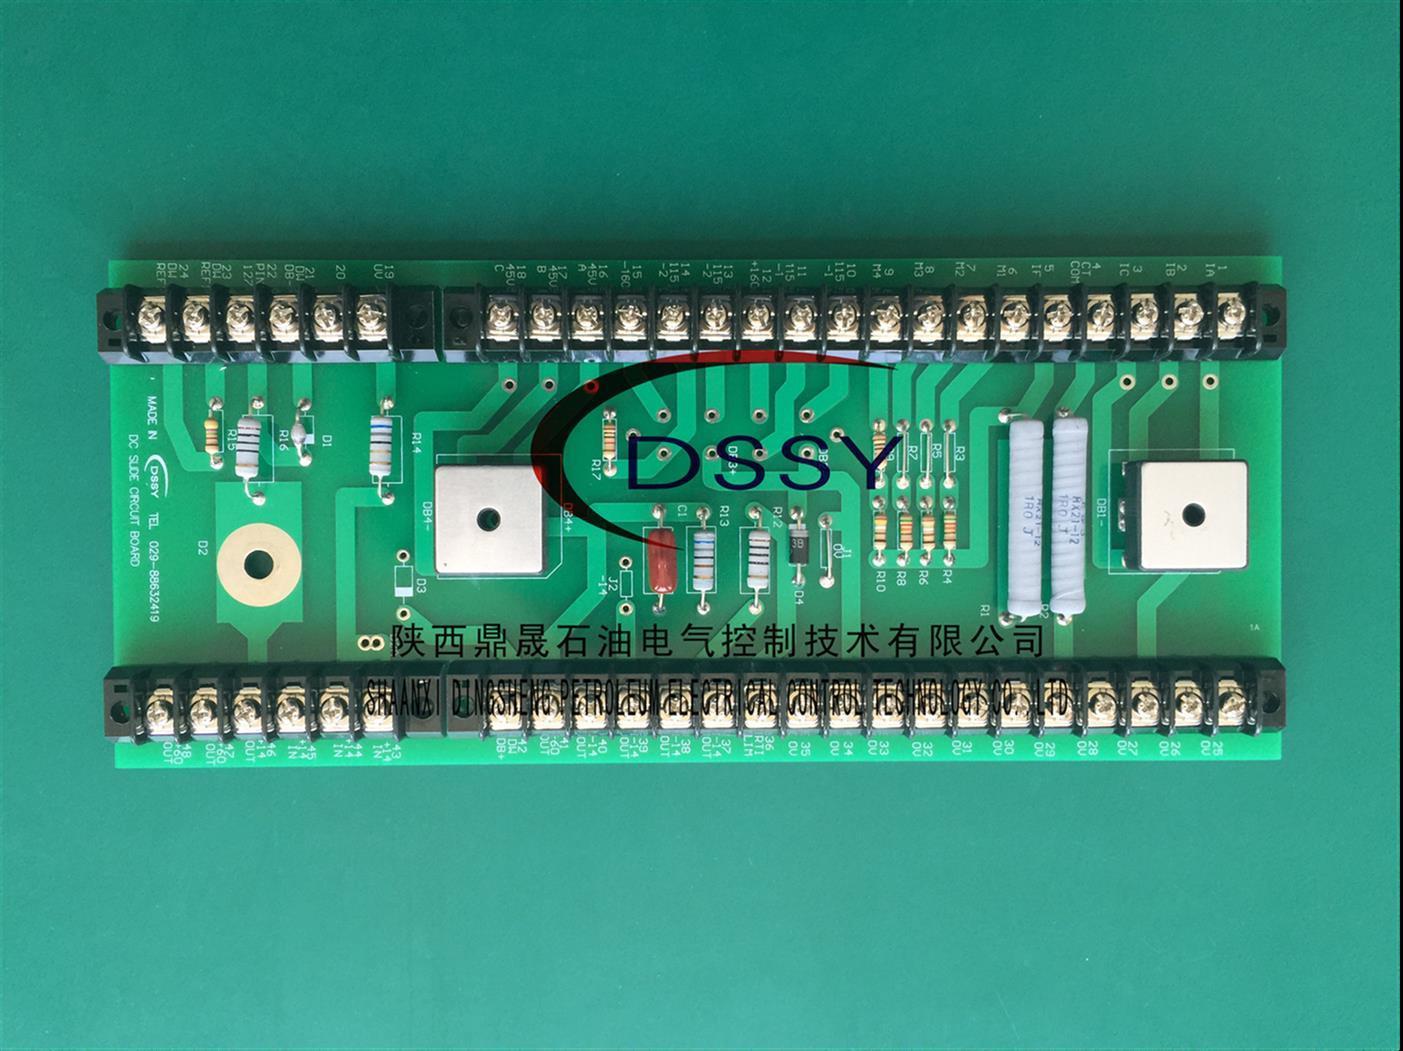 海尔海斯柴油机电控系统电源板0201-0802-0001-00